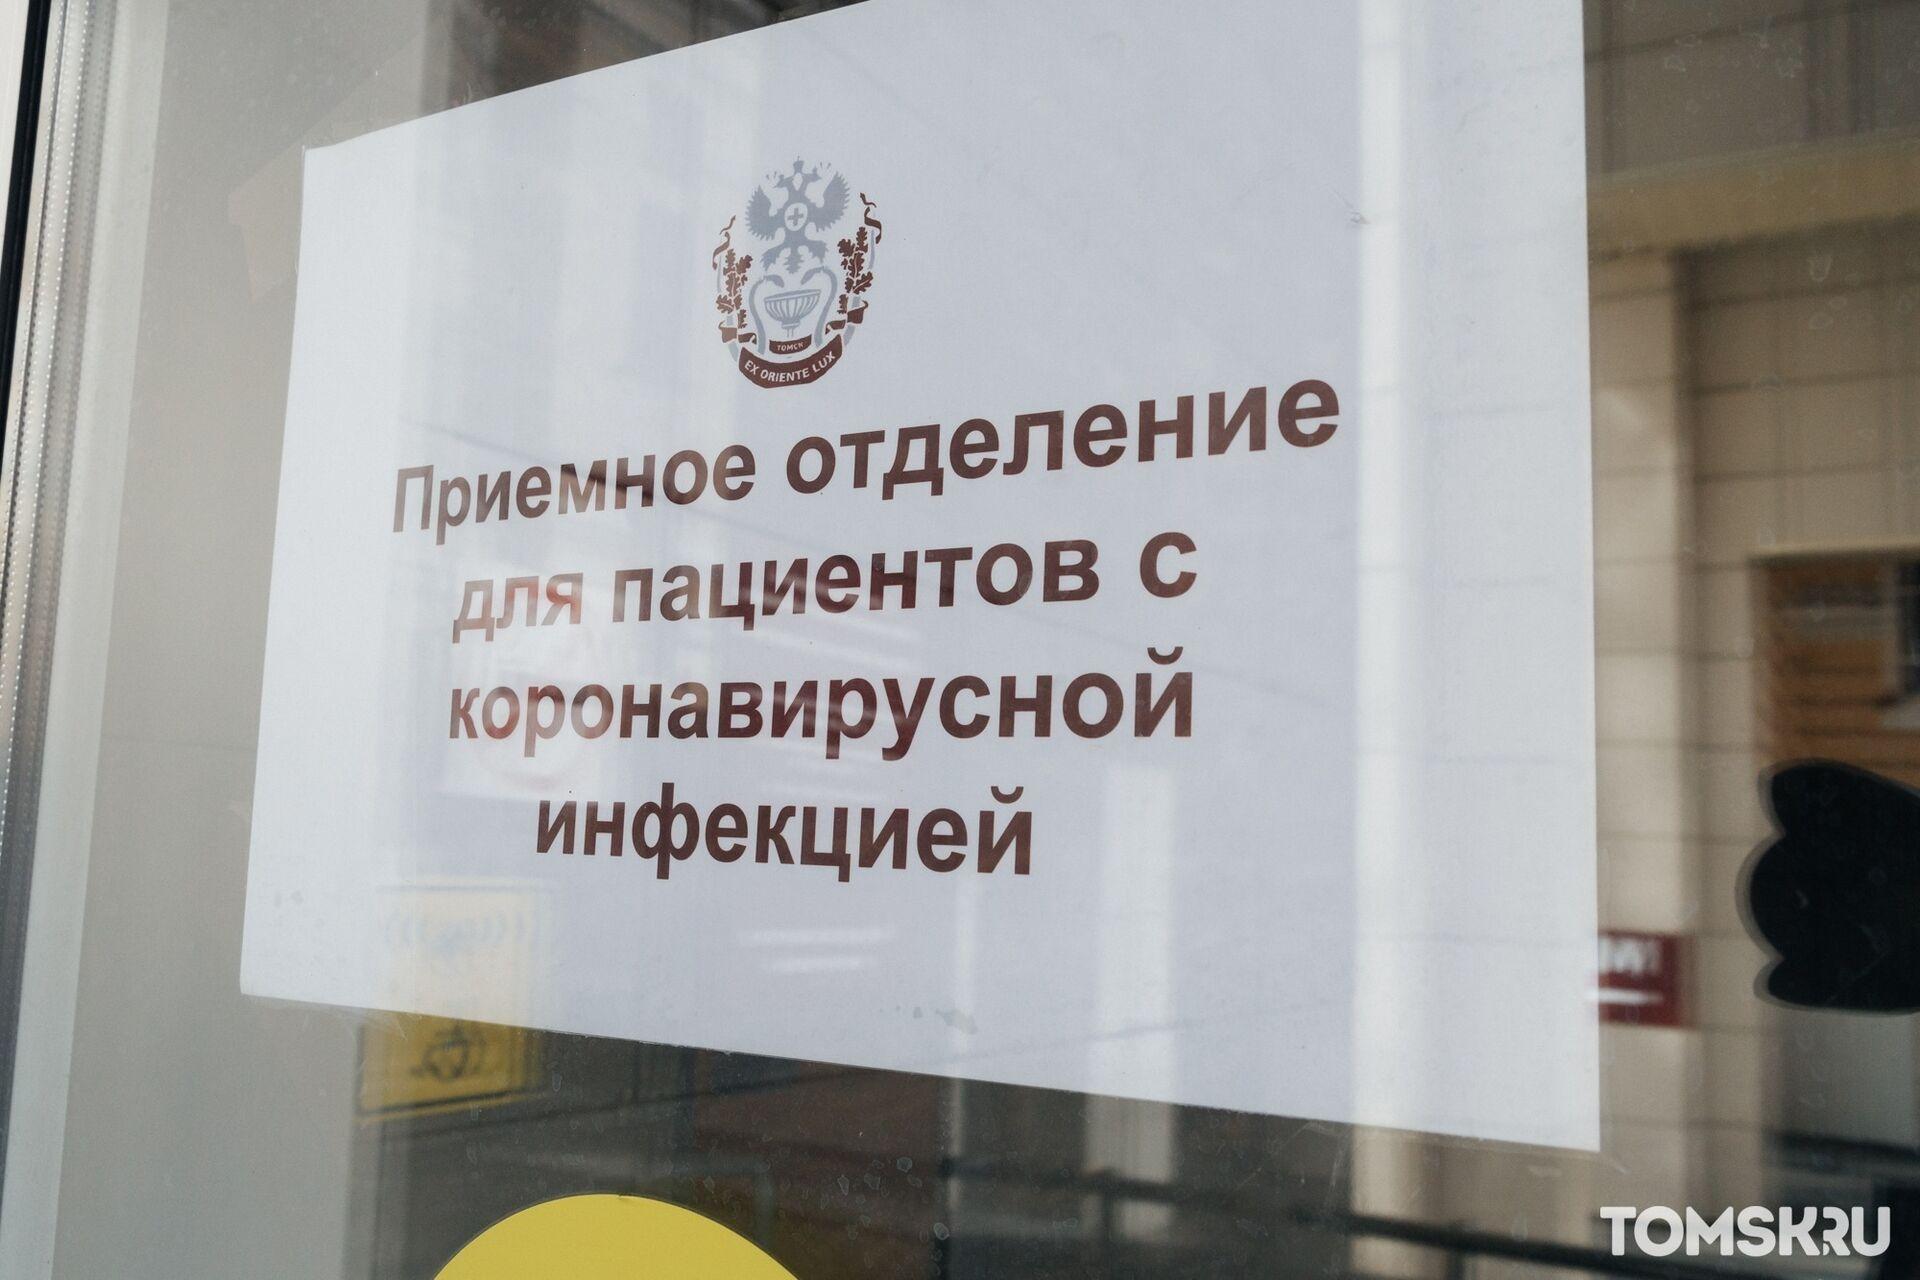 Работа томск девушке работа в саратове для девушек ленинский район